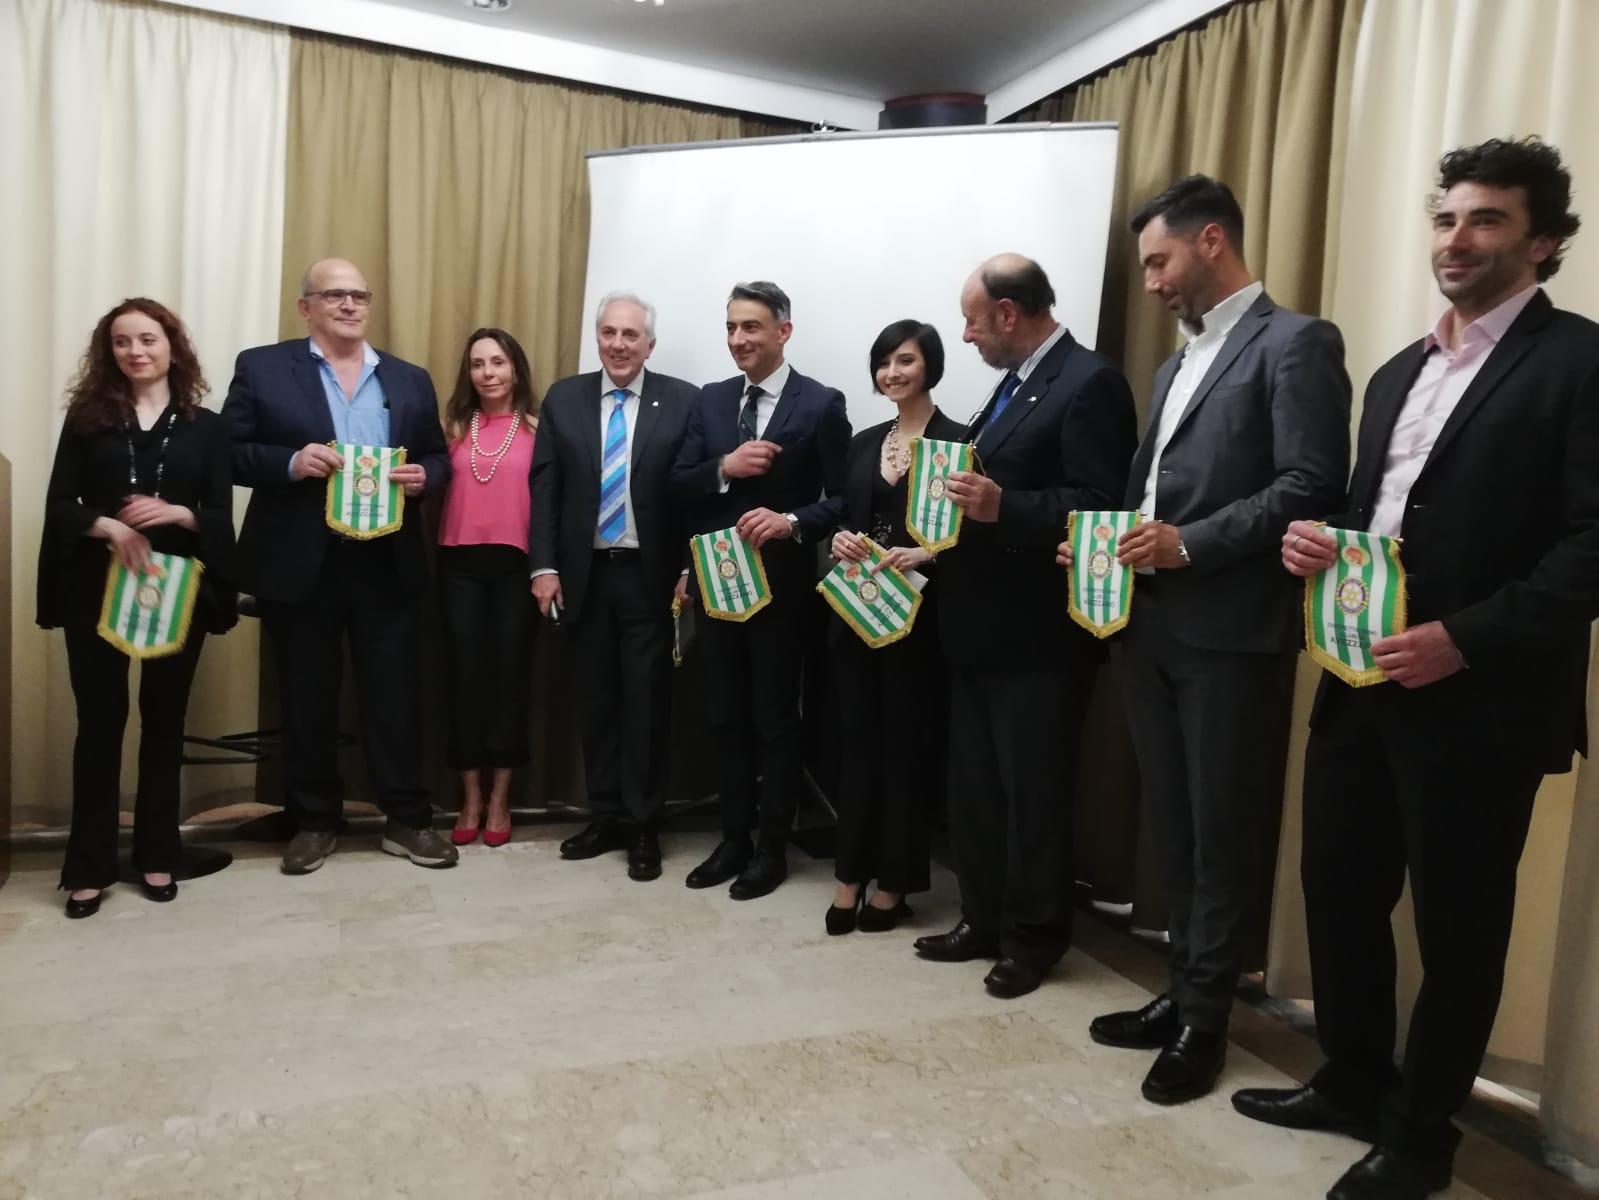 Rotary e sei imprenditori a sostegno del cortometraggio sul terremoto di Avezzano con Lino Guanciale